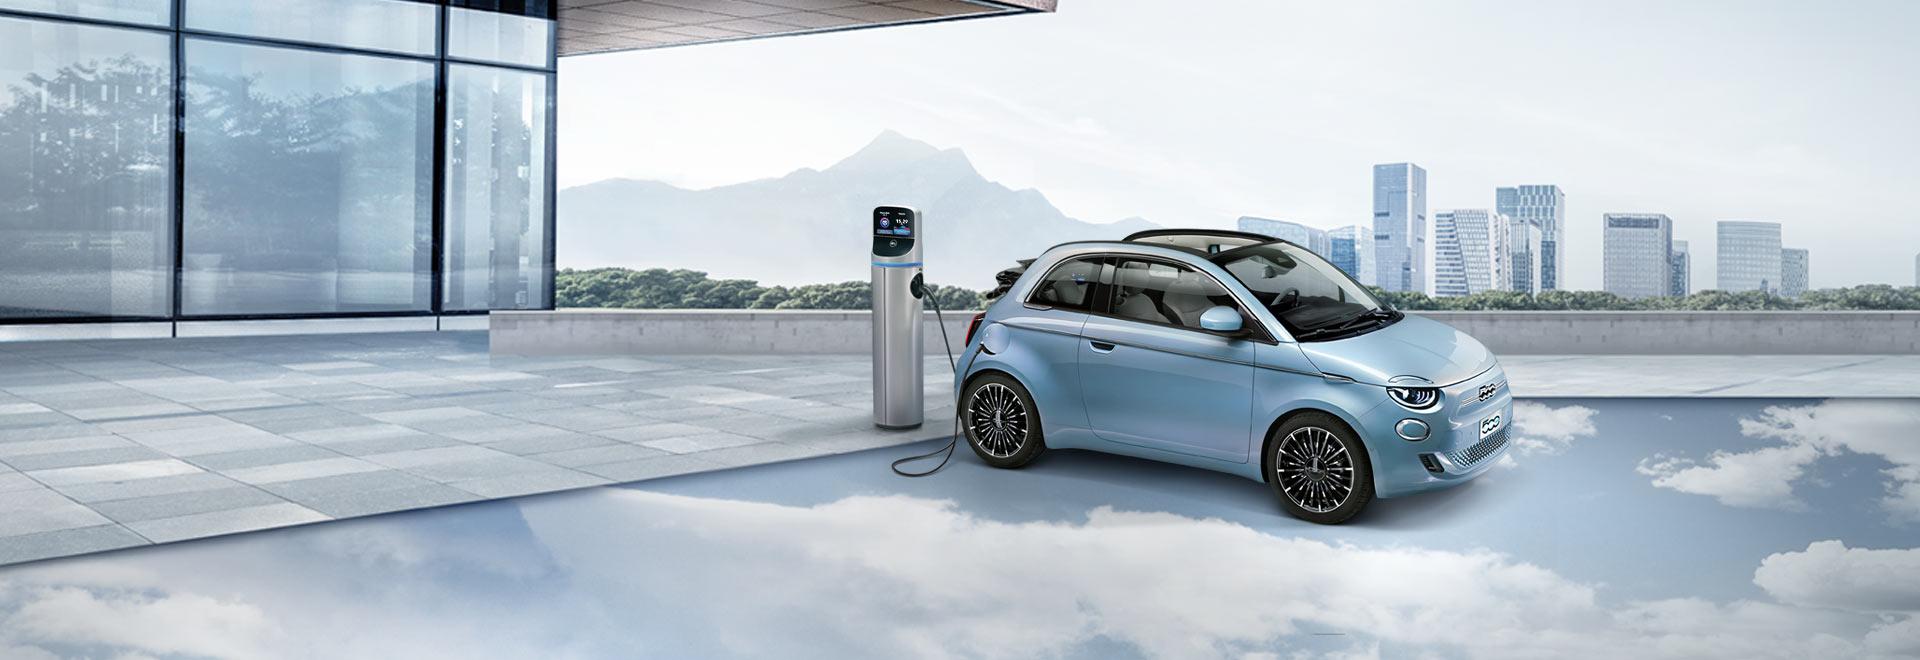 Nuova Fiat 500 elettrica Torino